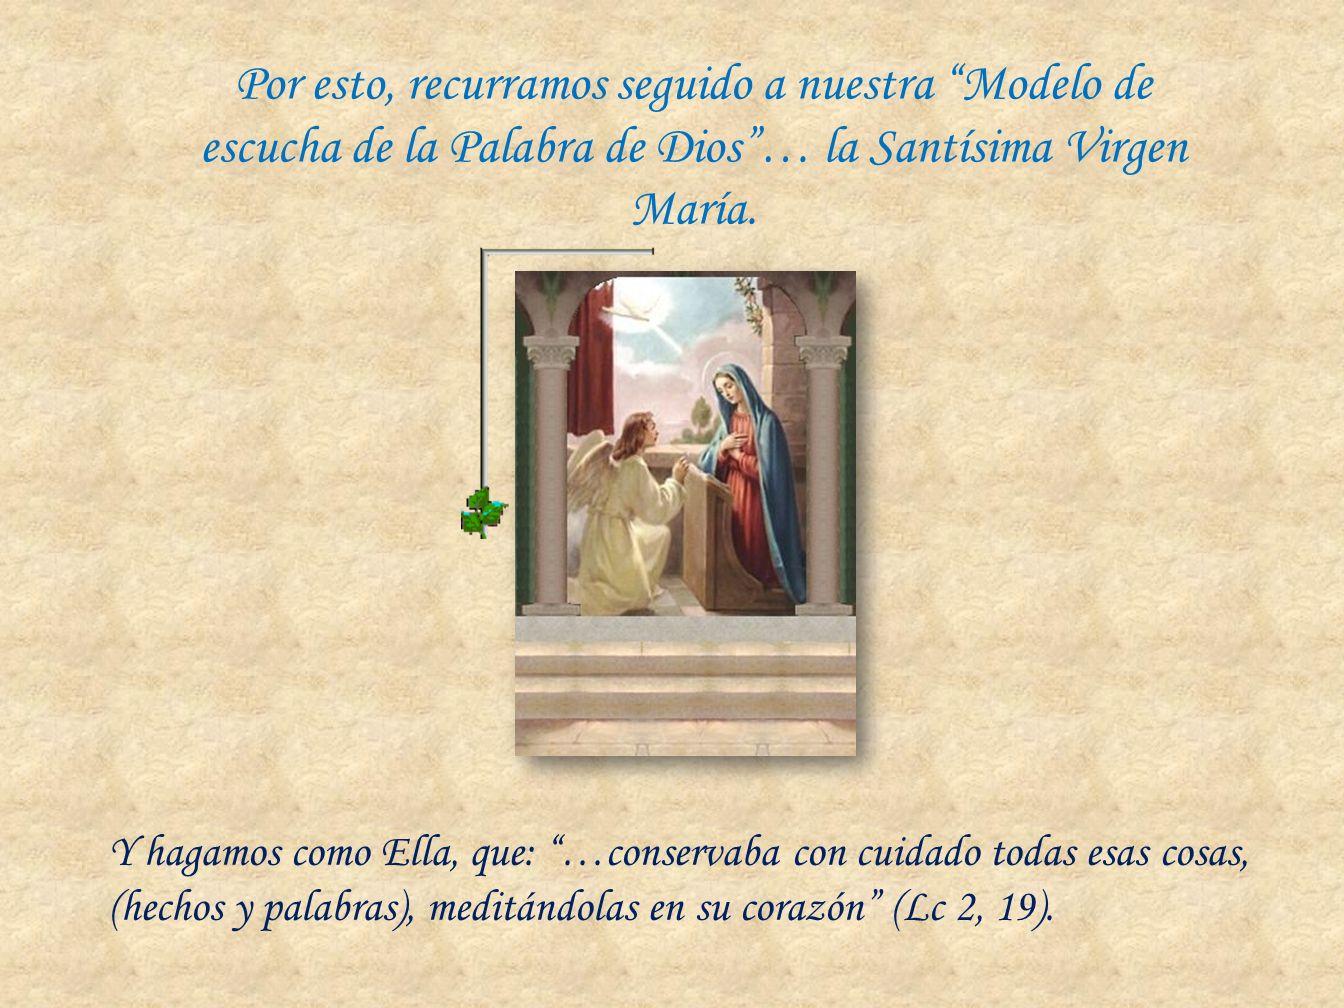 Por esto, recurramos seguido a nuestra Modelo de escucha de la Palabra de Dios … la Santísima Virgen María.